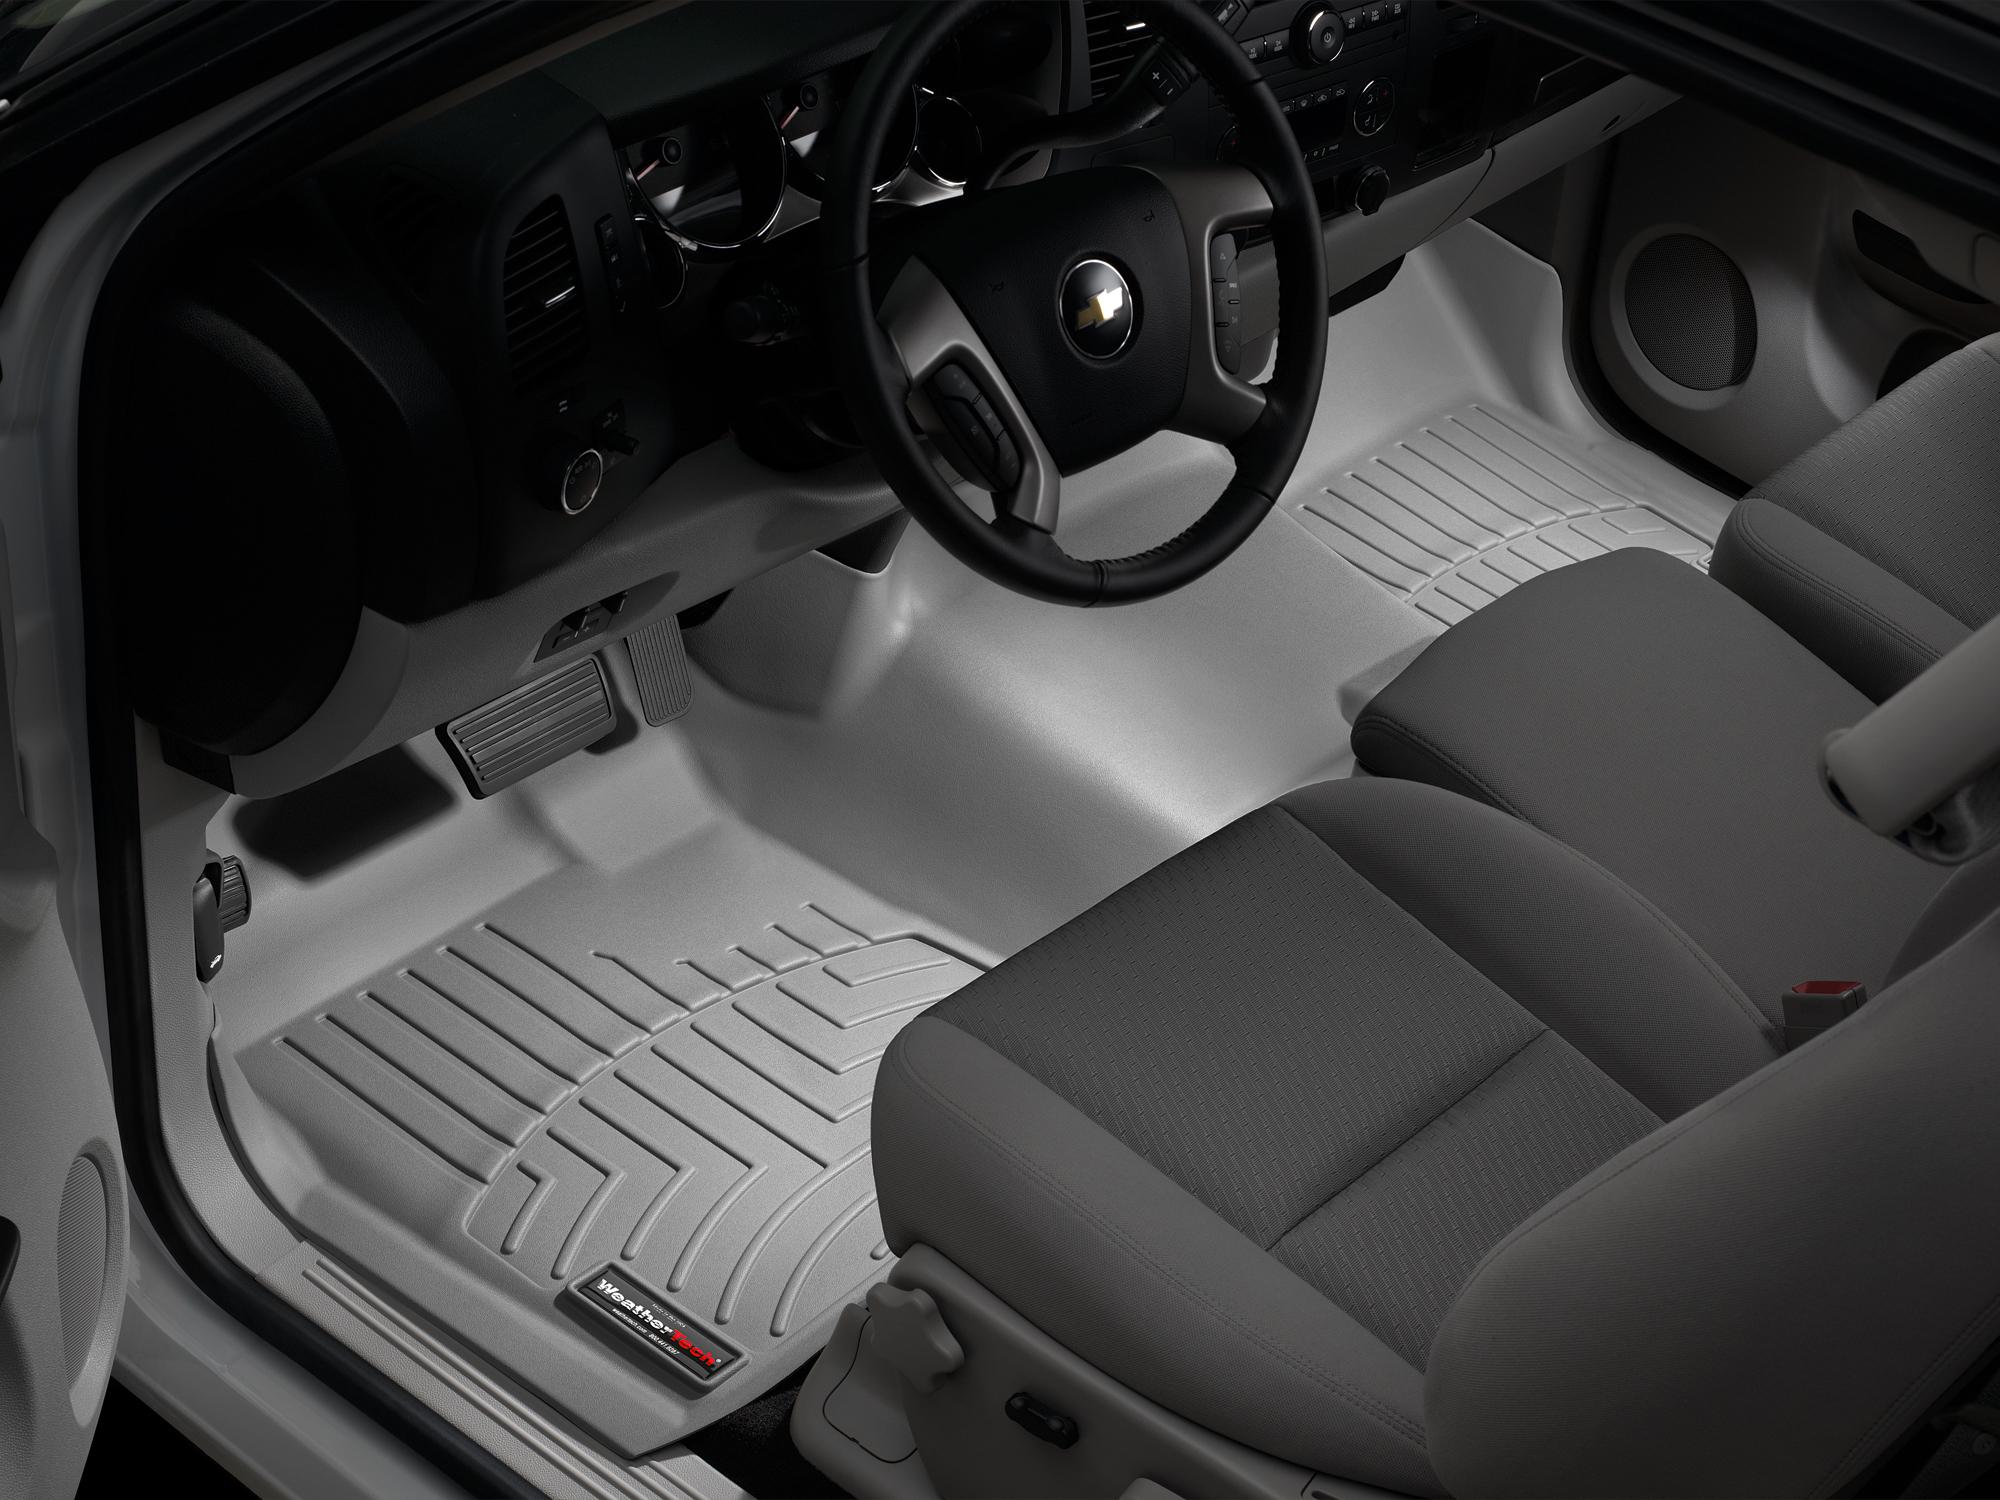 Tappeti gomma su misura bordo alto Chevrolet Silverado 08>13 Grigio A175